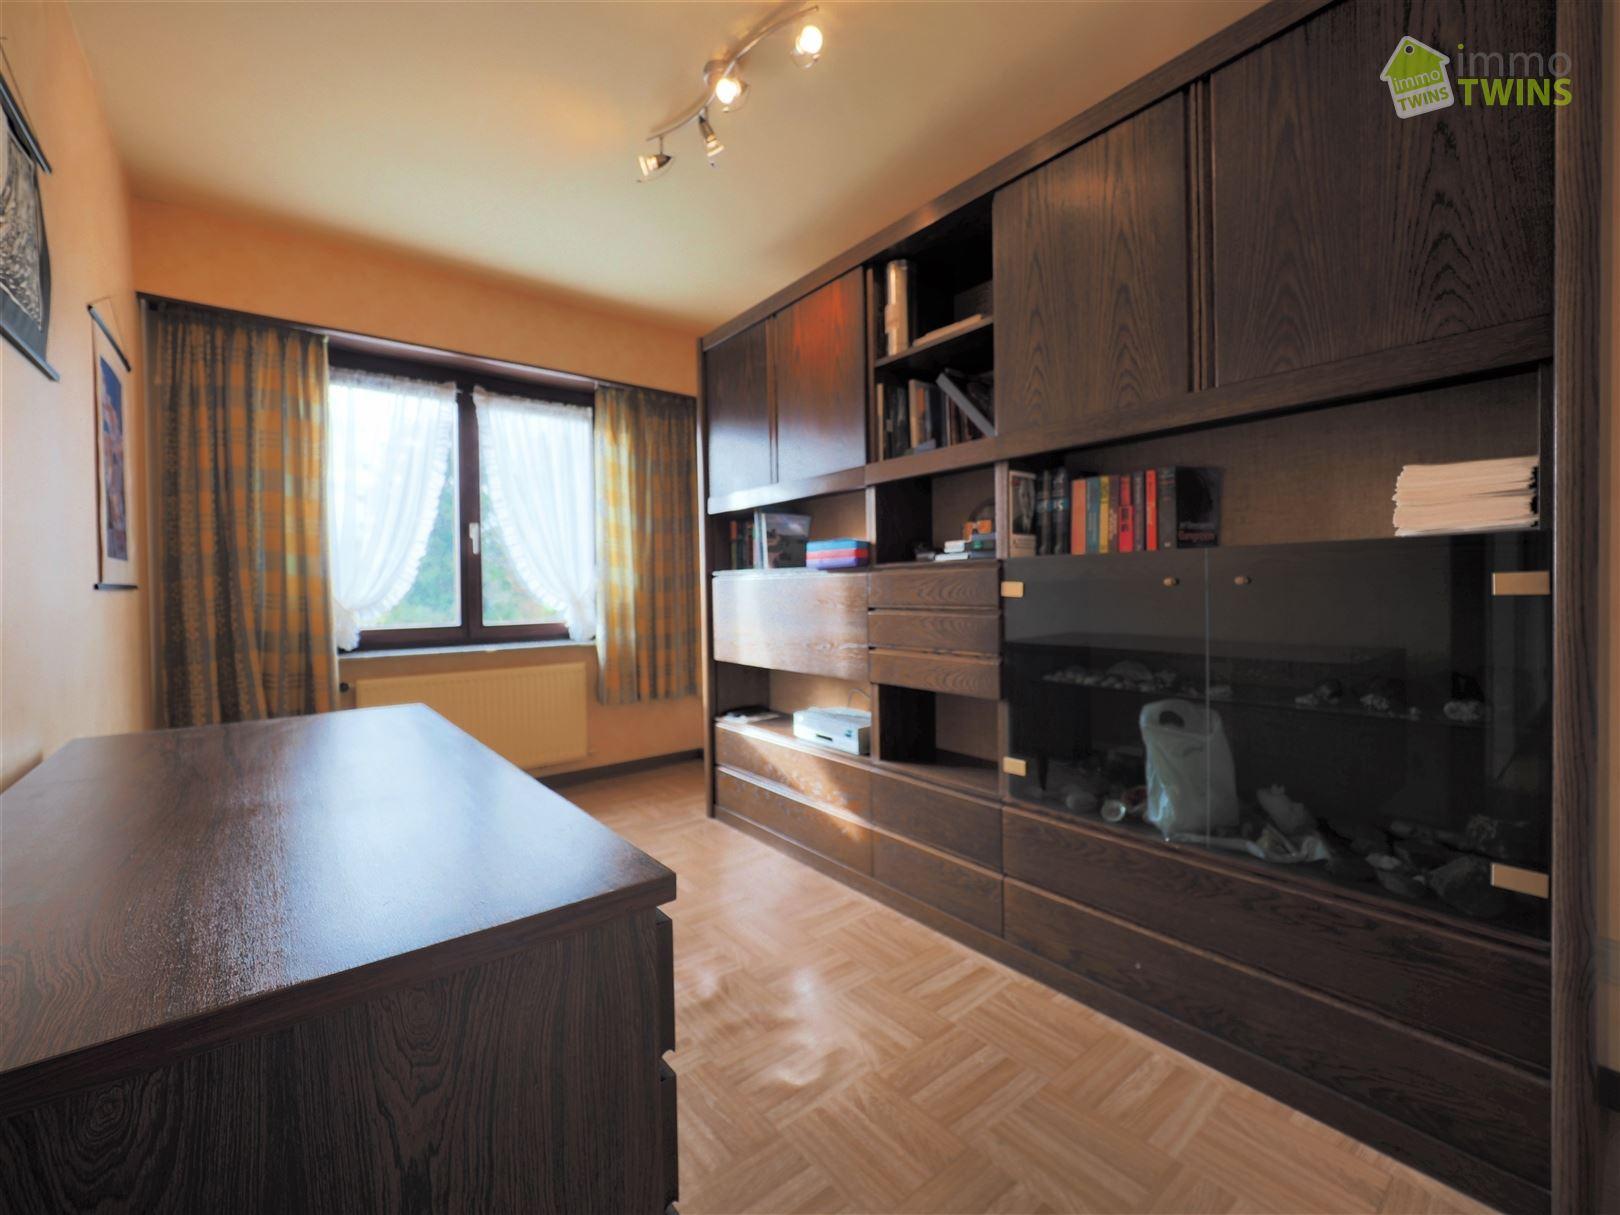 Foto 15 : Huis te 9240 ZELE (België) - Prijs € 345.000